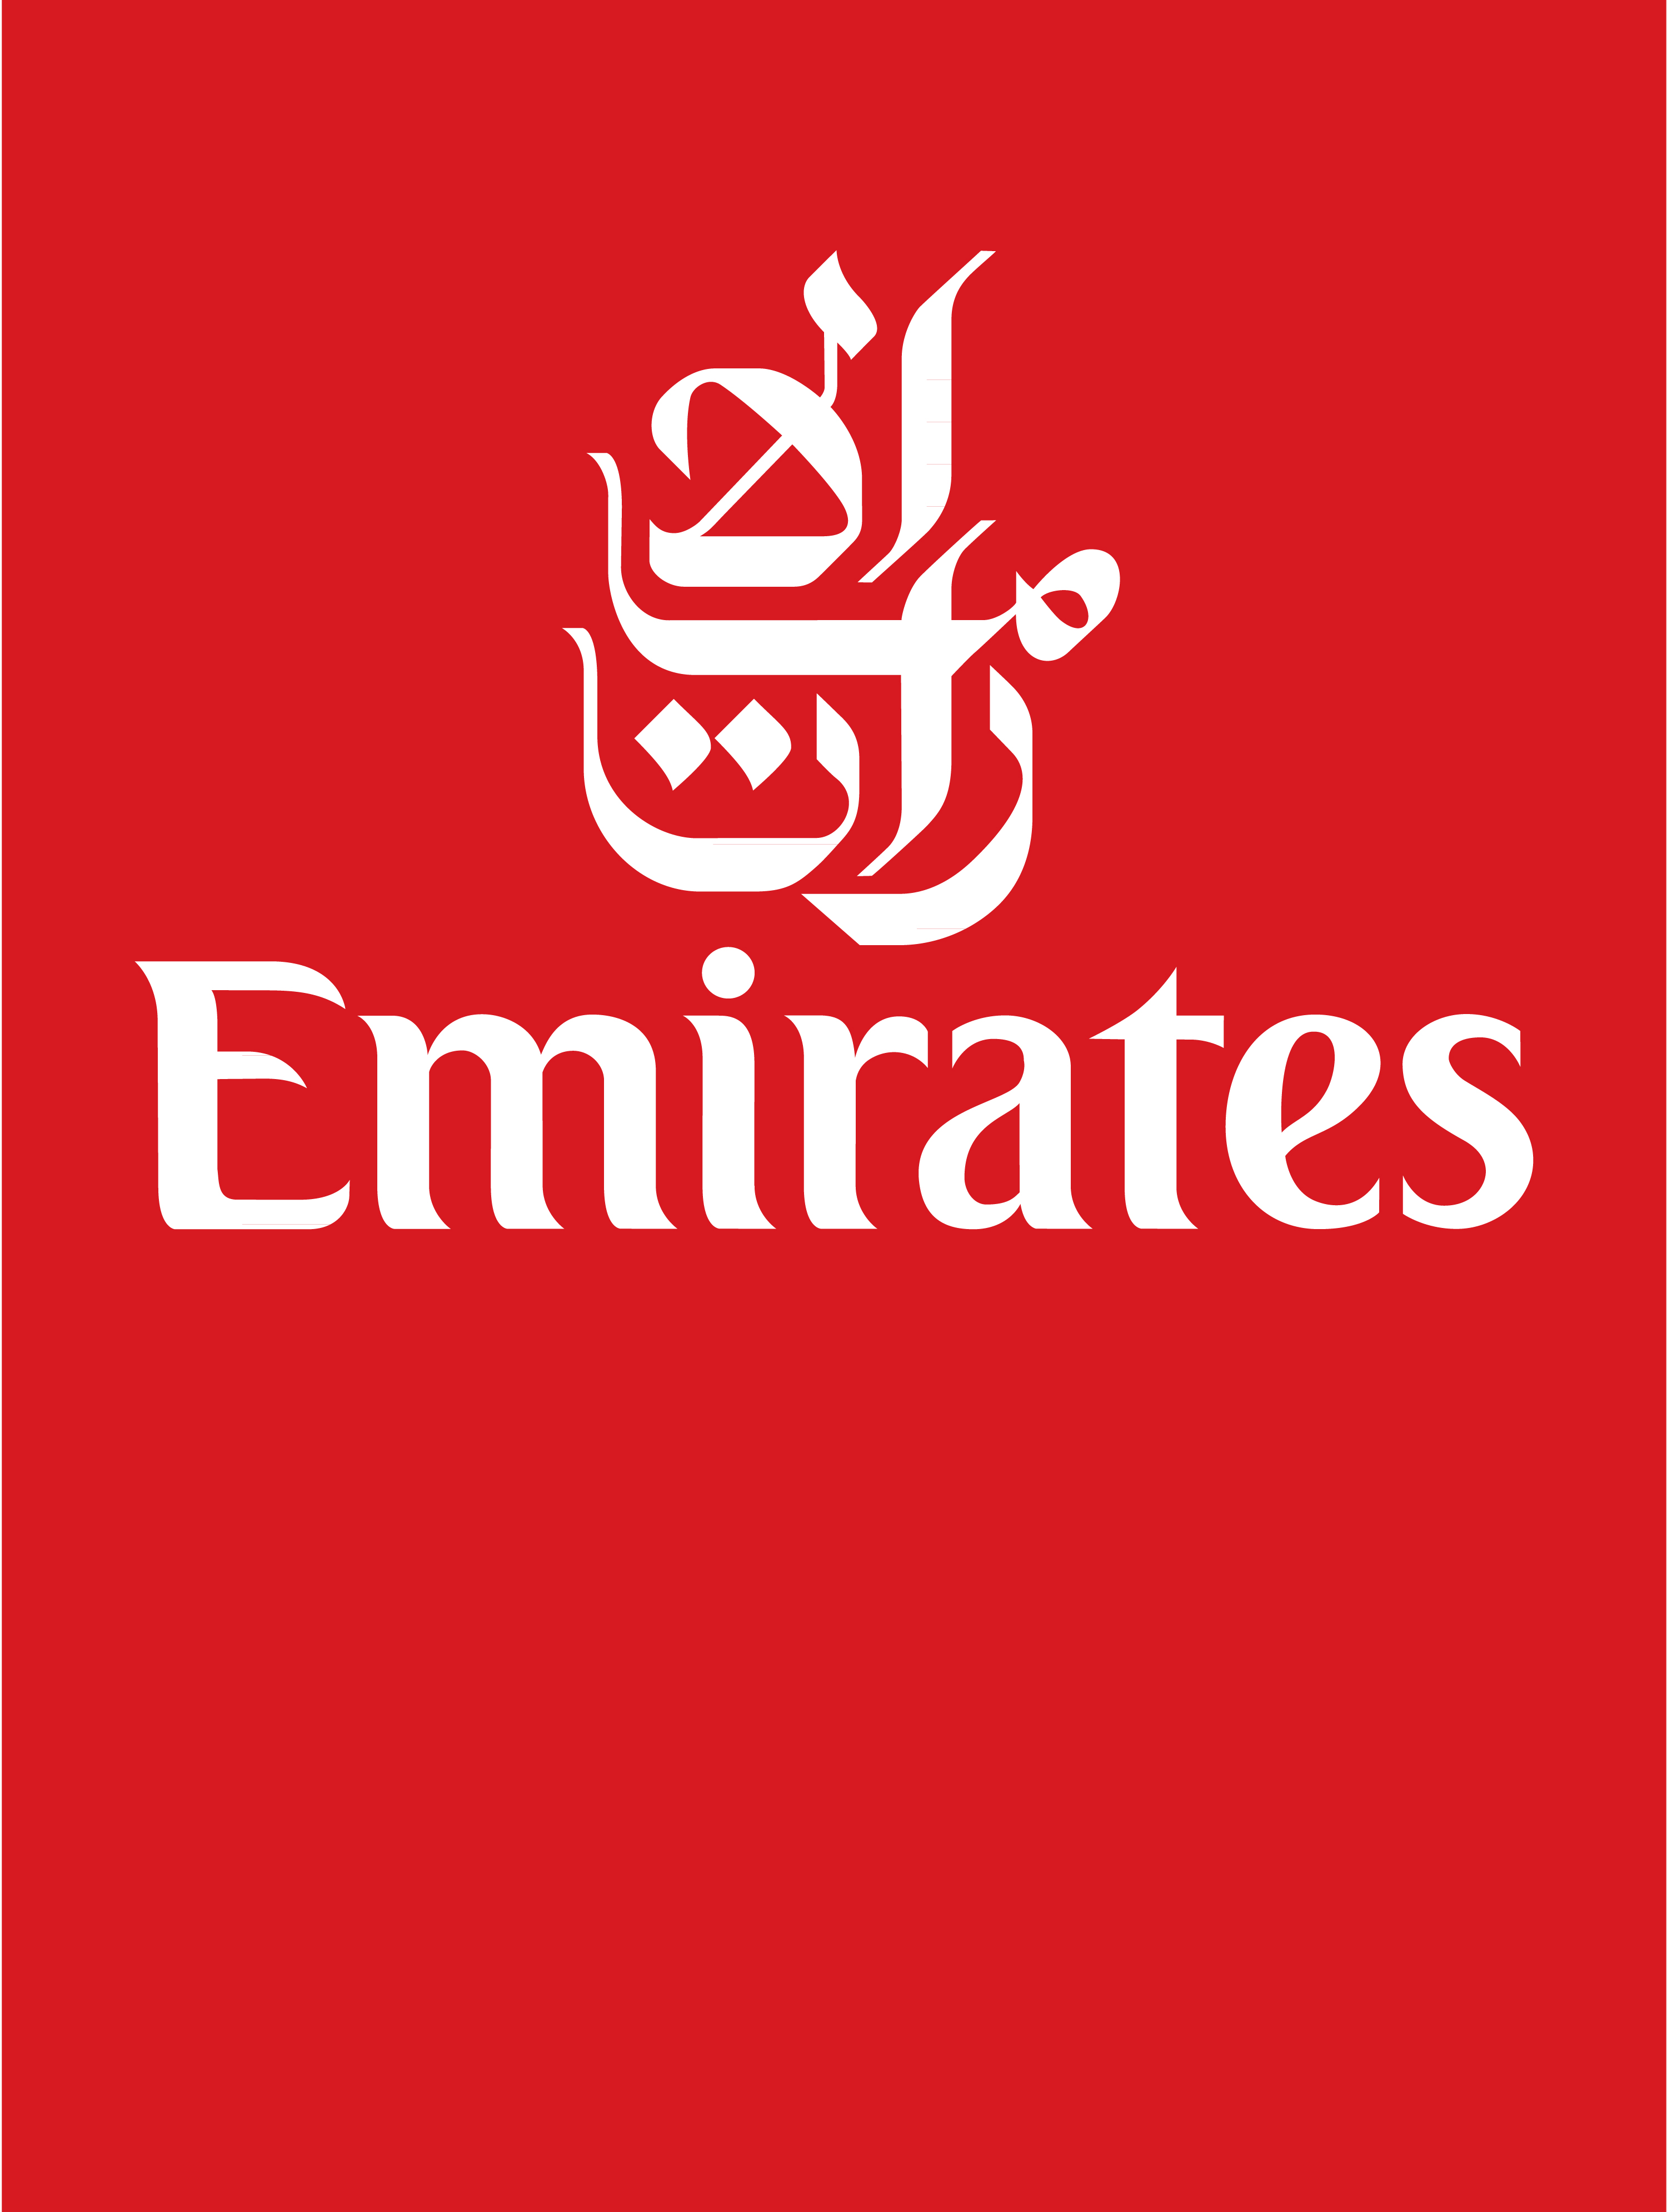 Emirates-Logo1